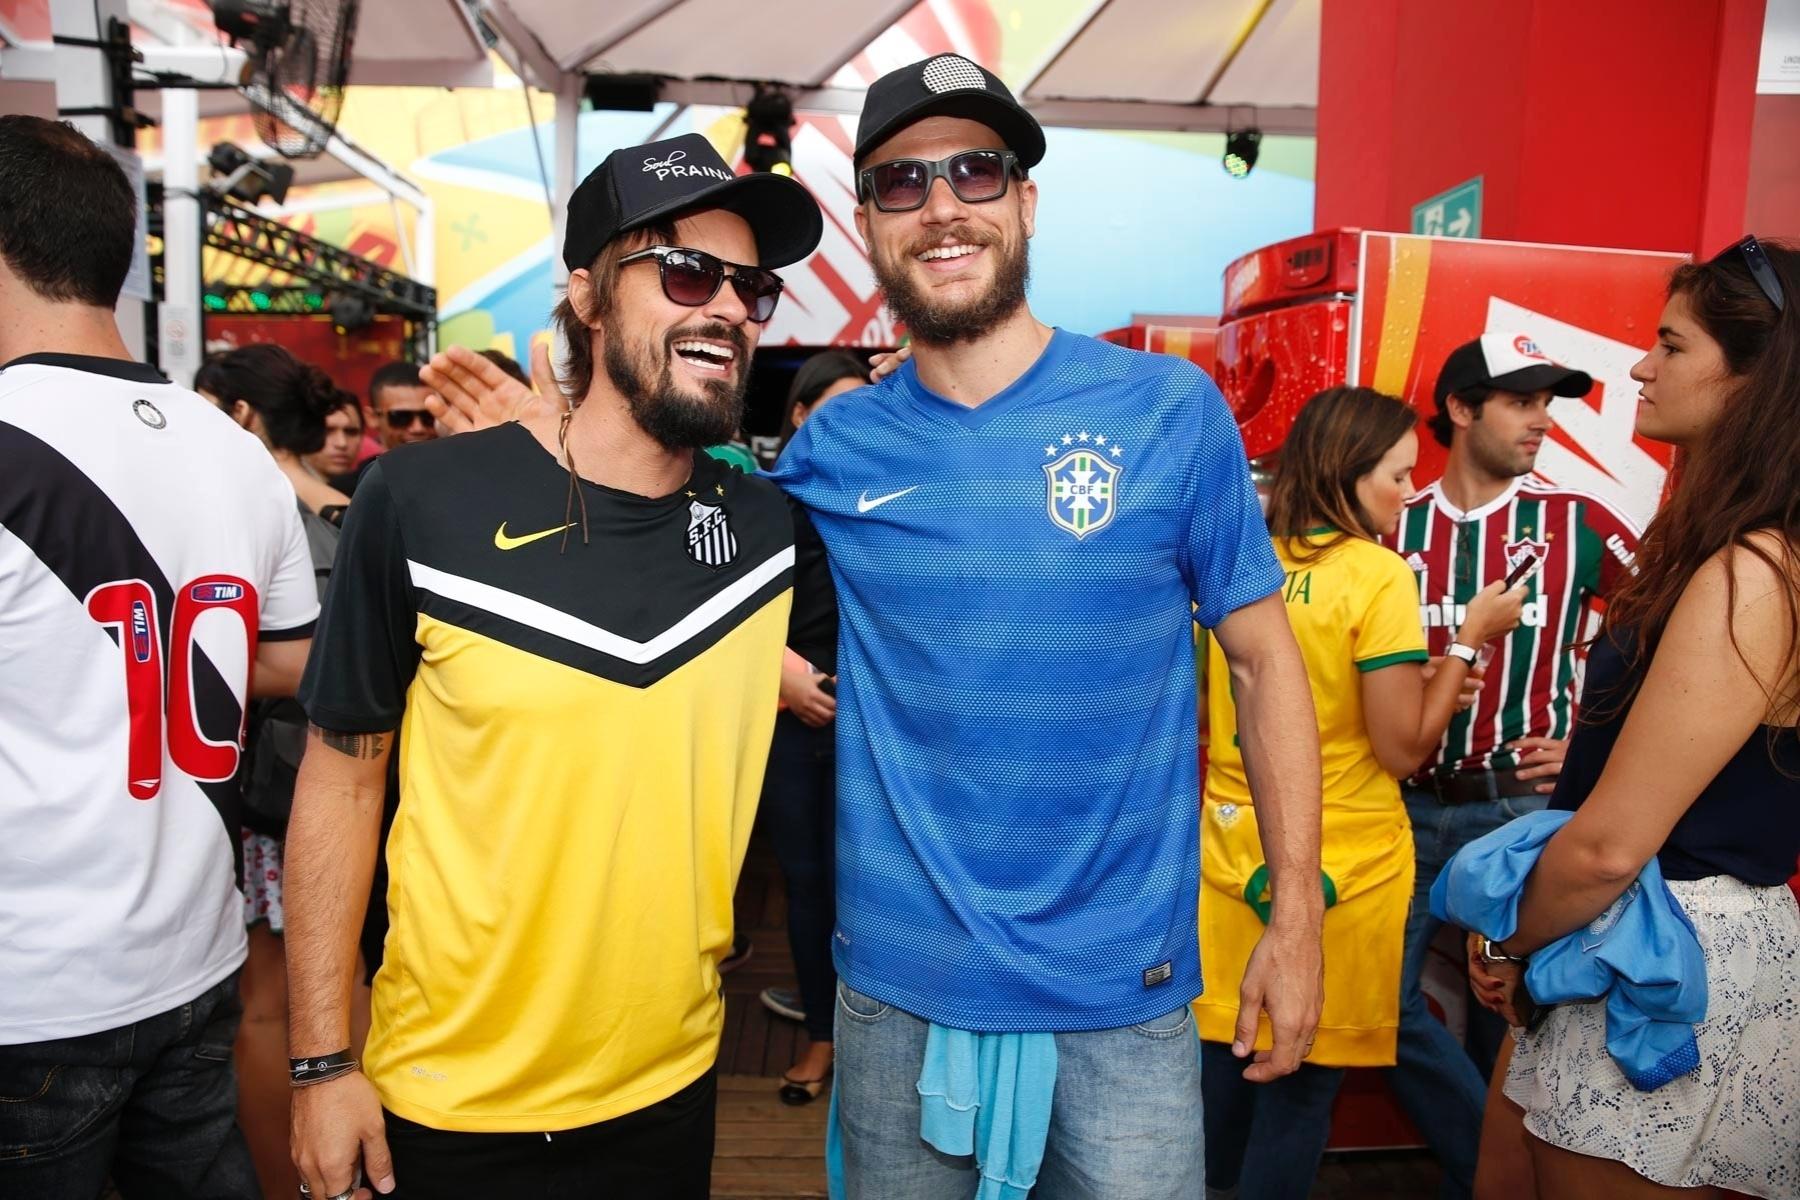 22.jun.2014 - Os atores Paulo Vilhena e Rodrigo Hilbert se encontram no Maracanã antes da partida Rússia x Bélgica. Eles escolheram as camisas do Santos e do Brasil, respectivamente, para acompanhar a partida